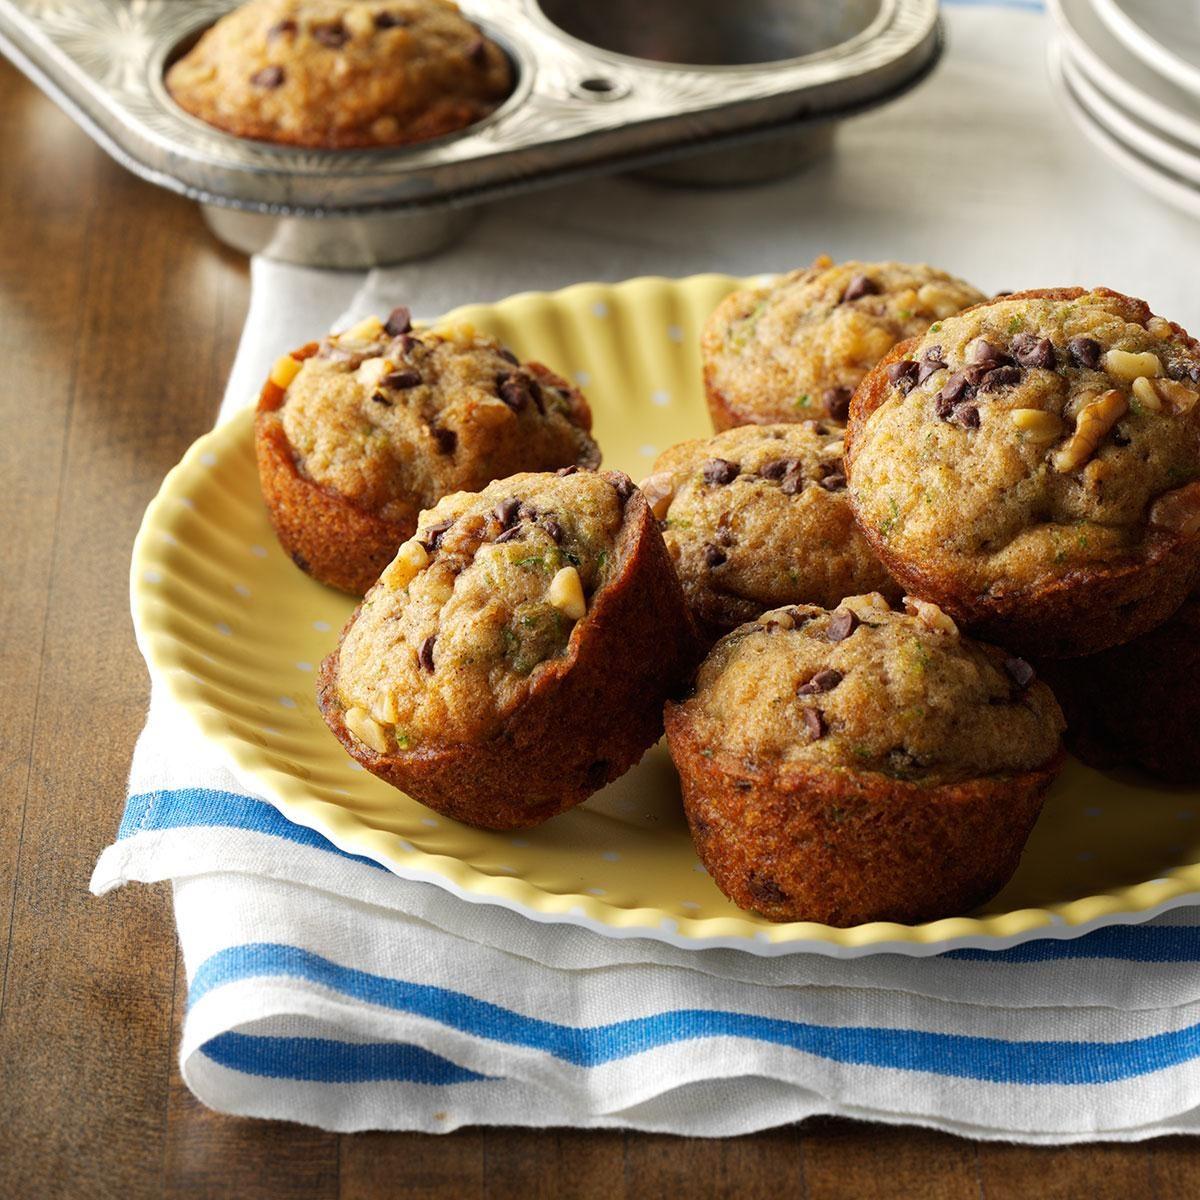 Taste Of Home Pumpkin Chocolate Chip Muffins